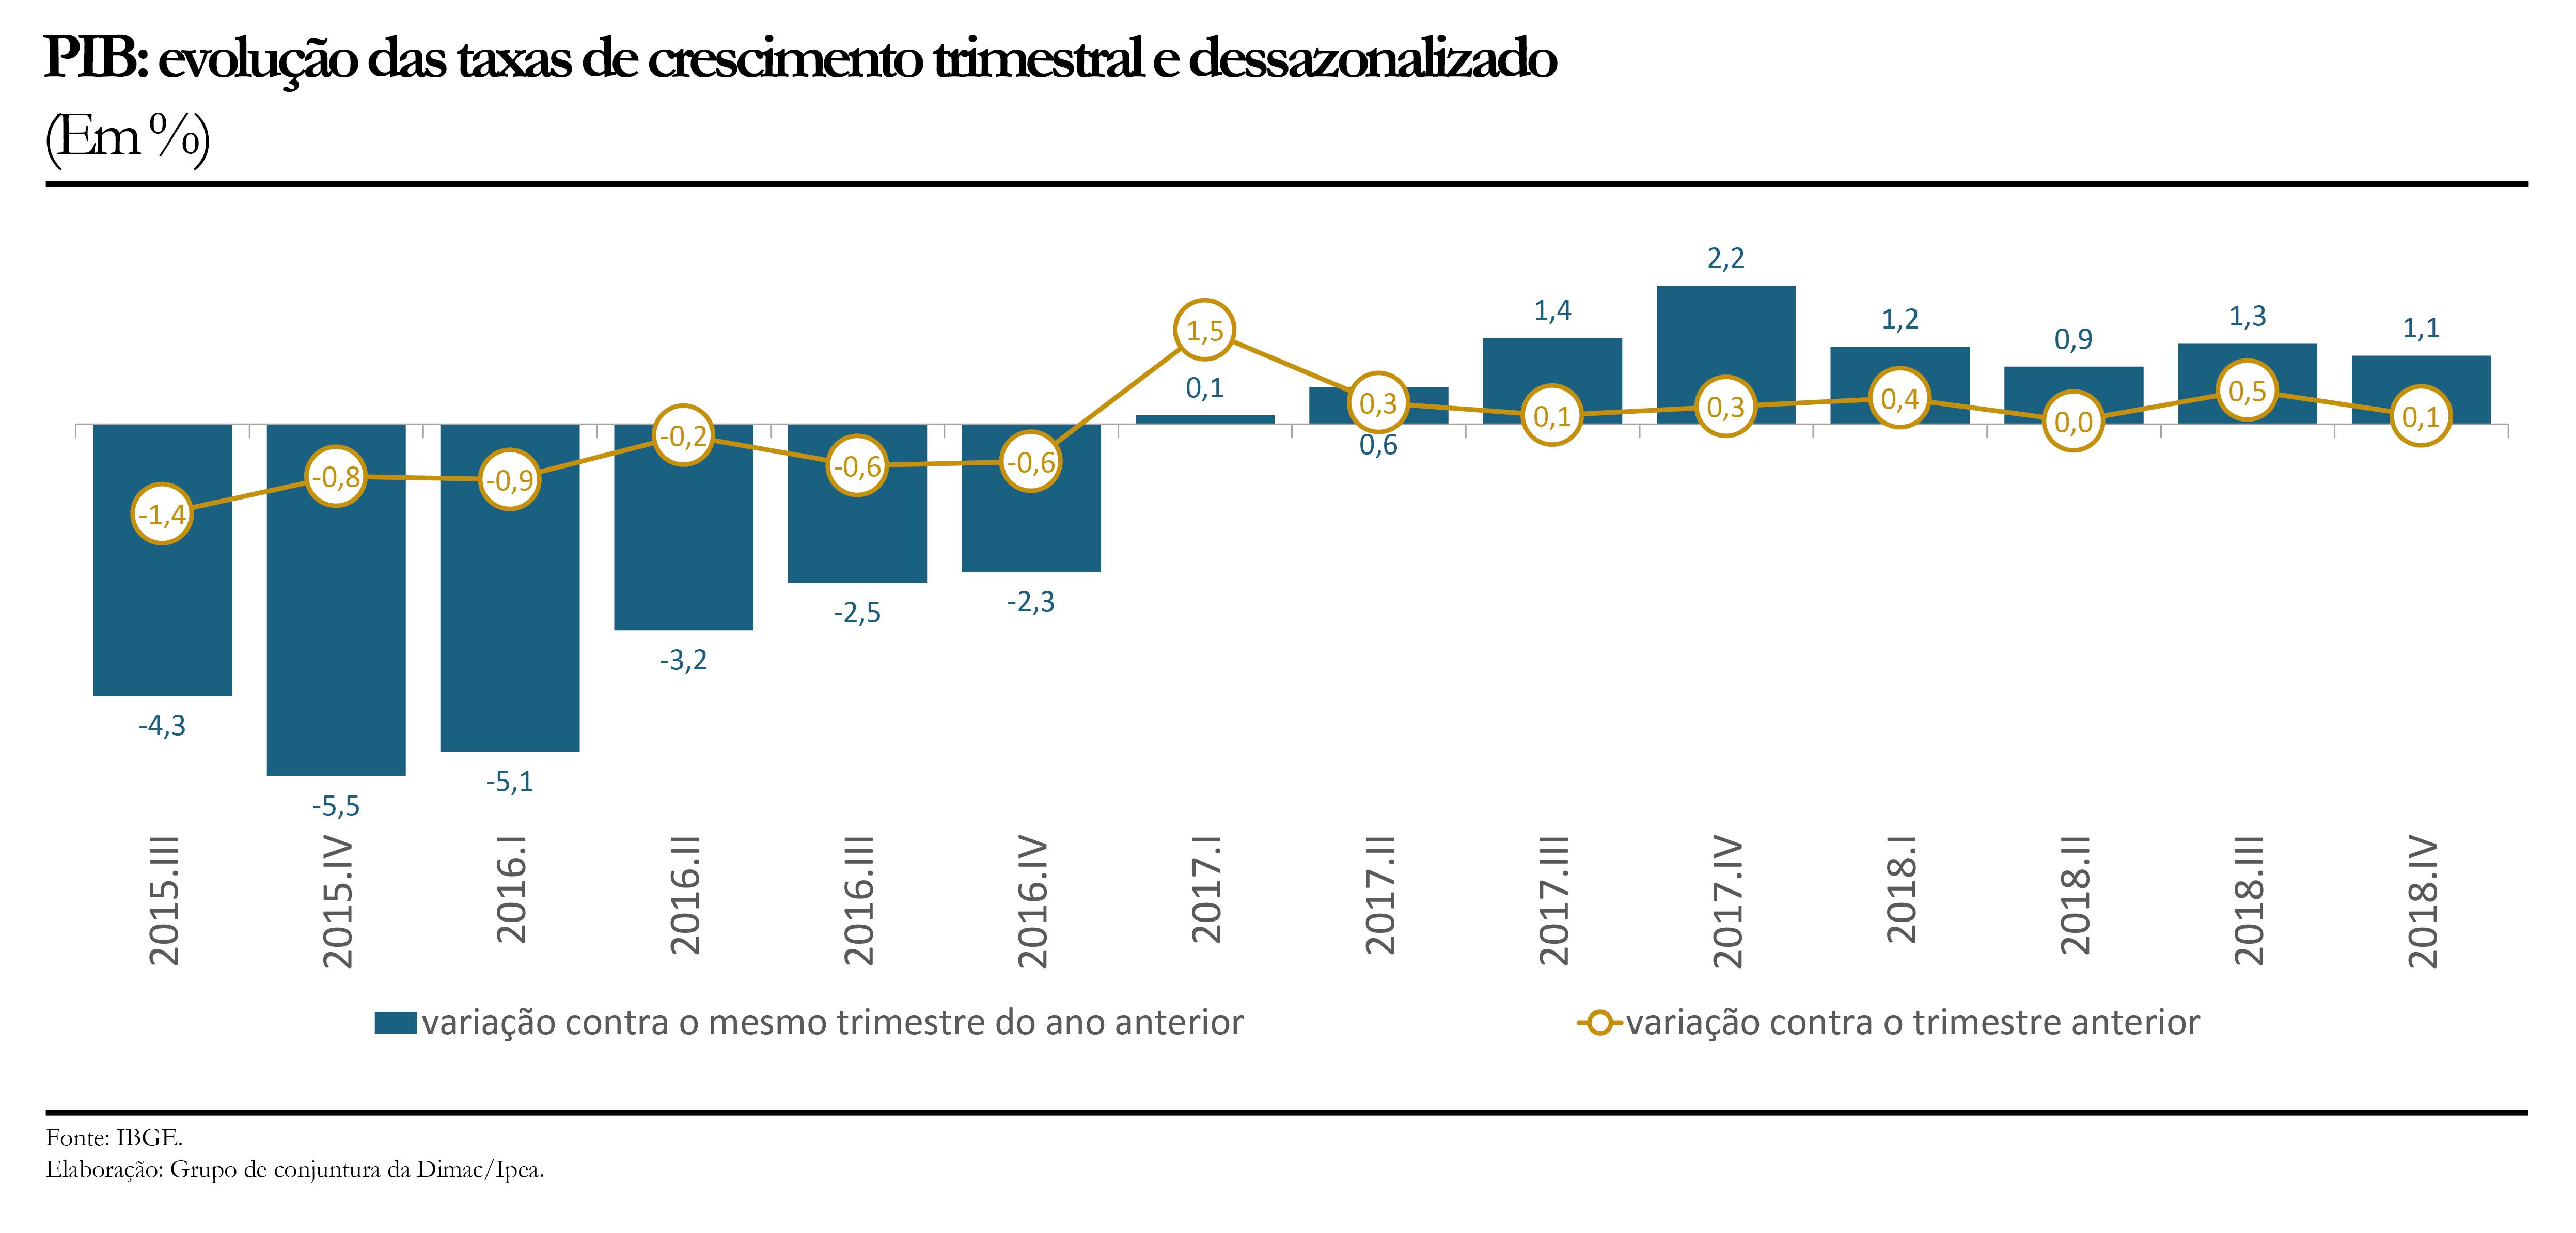 PIB - evolução das taxas de crescimento trimestral e dessazonalizado